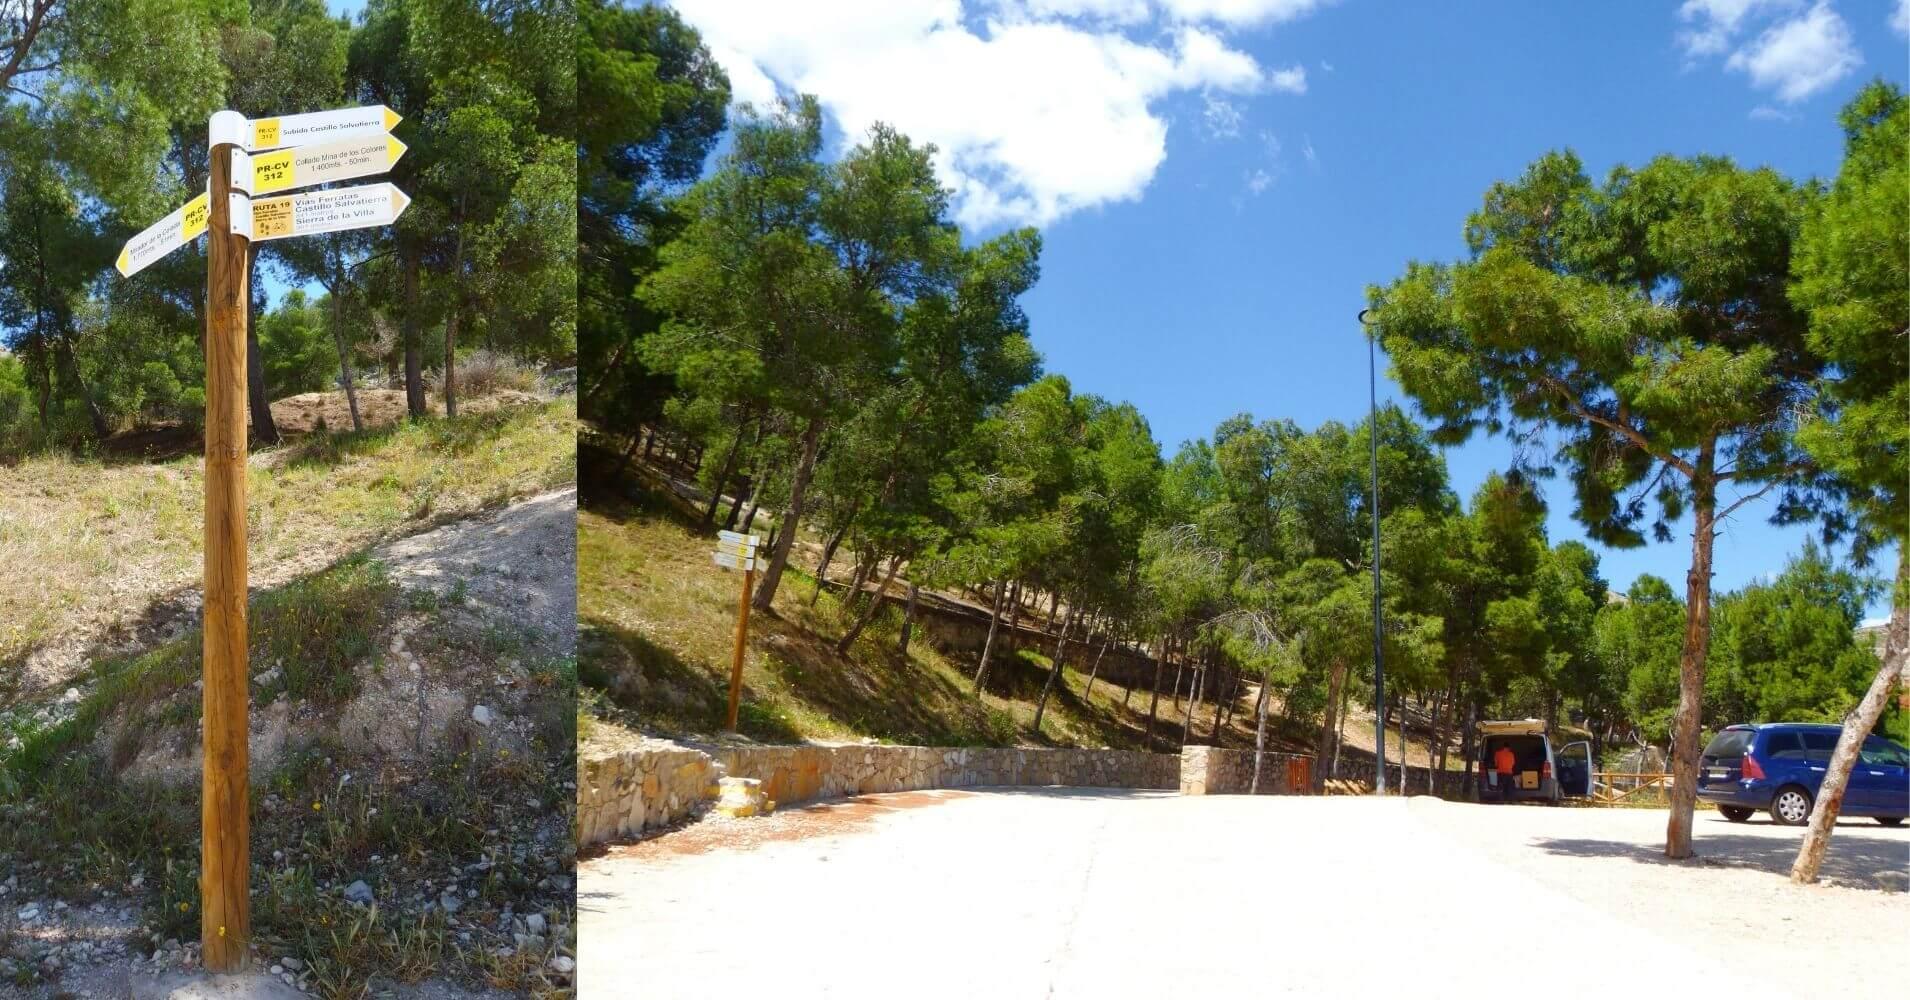 Área Recreativa de las Cruces. Villena, Alicante. Comunidad Valenciana.